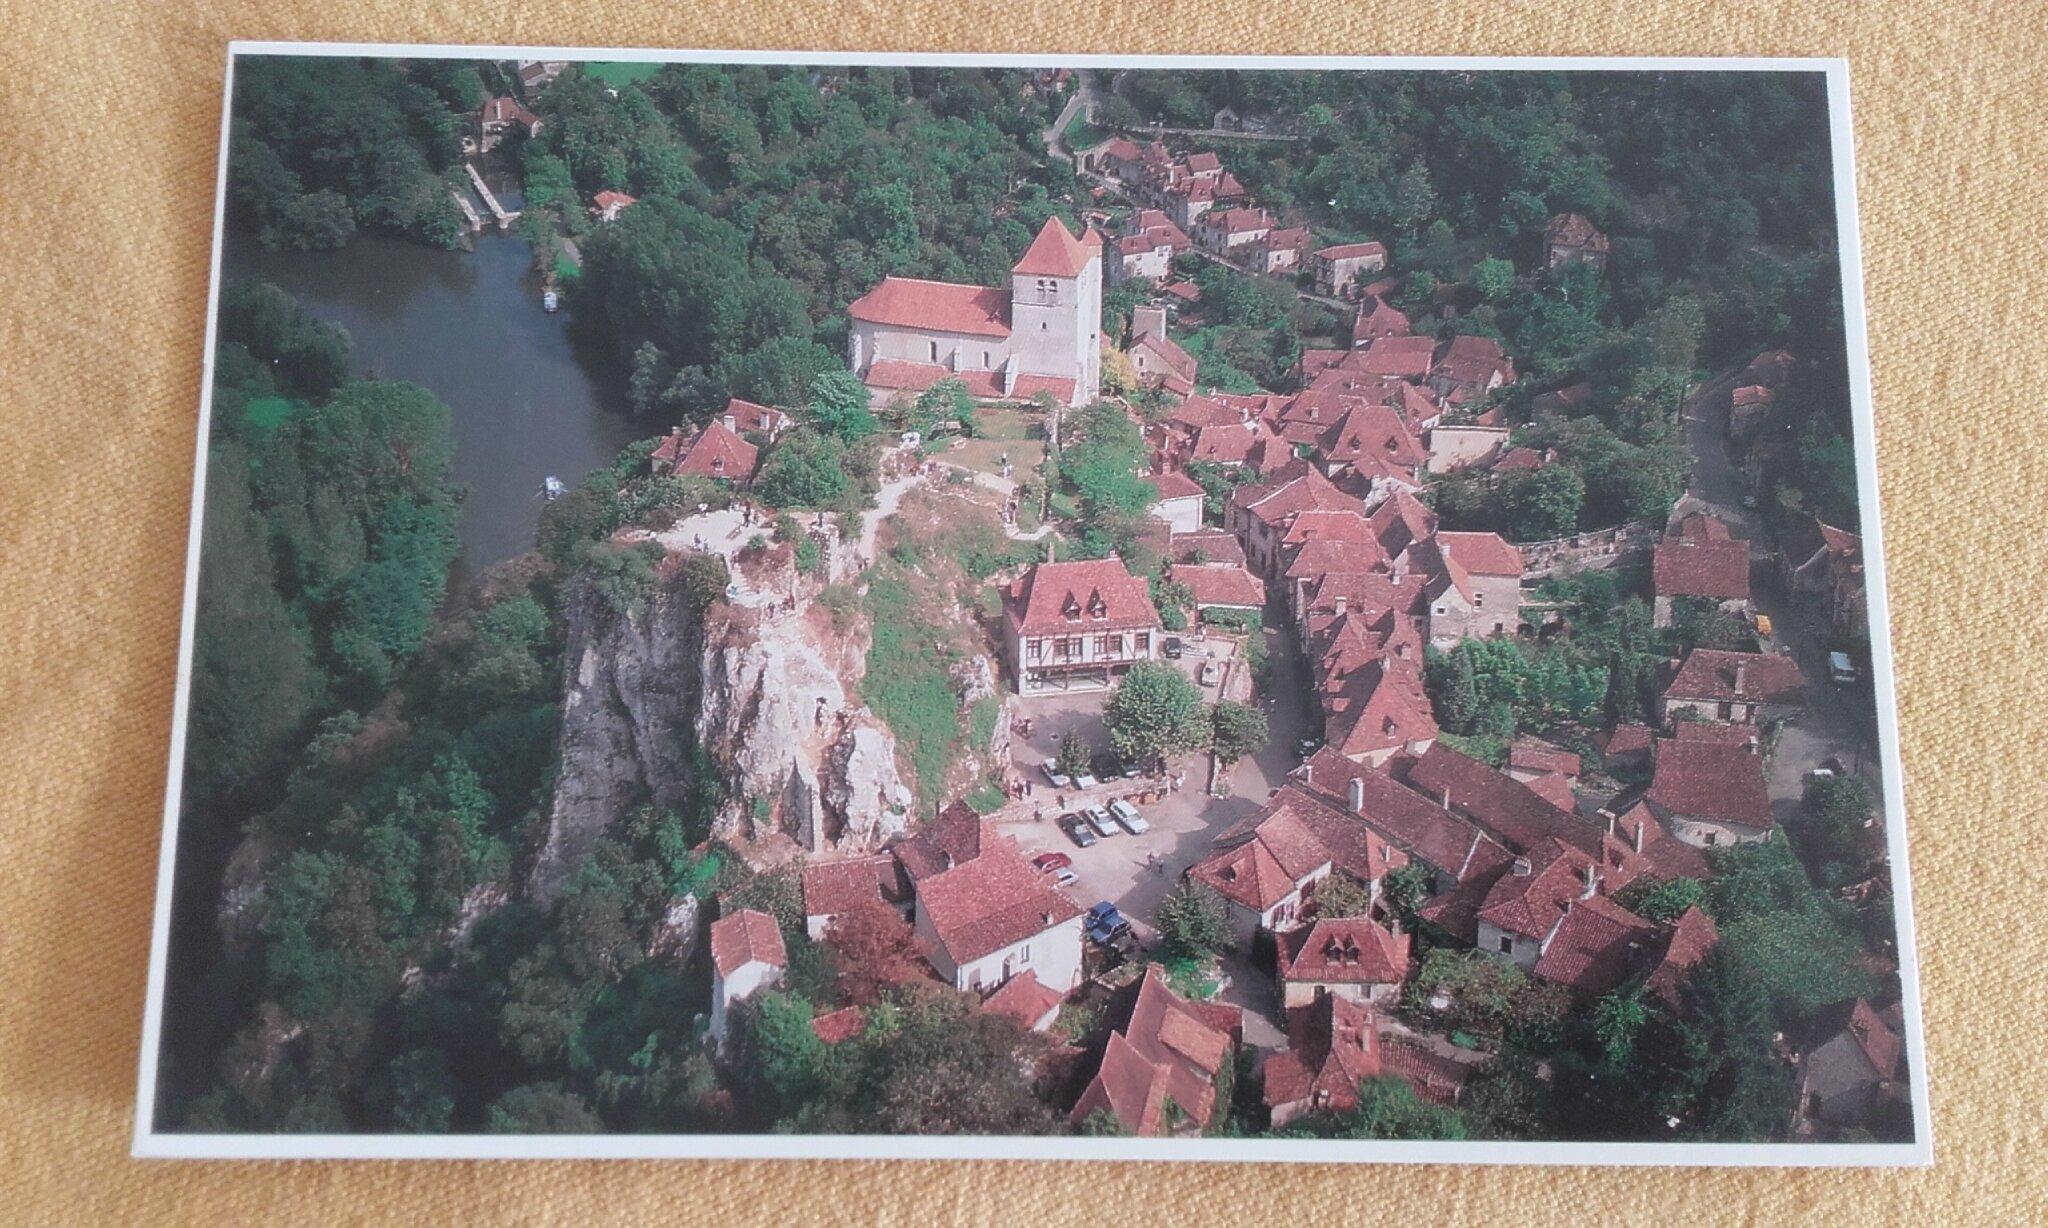 St Cirq Lapopie - datée 2002